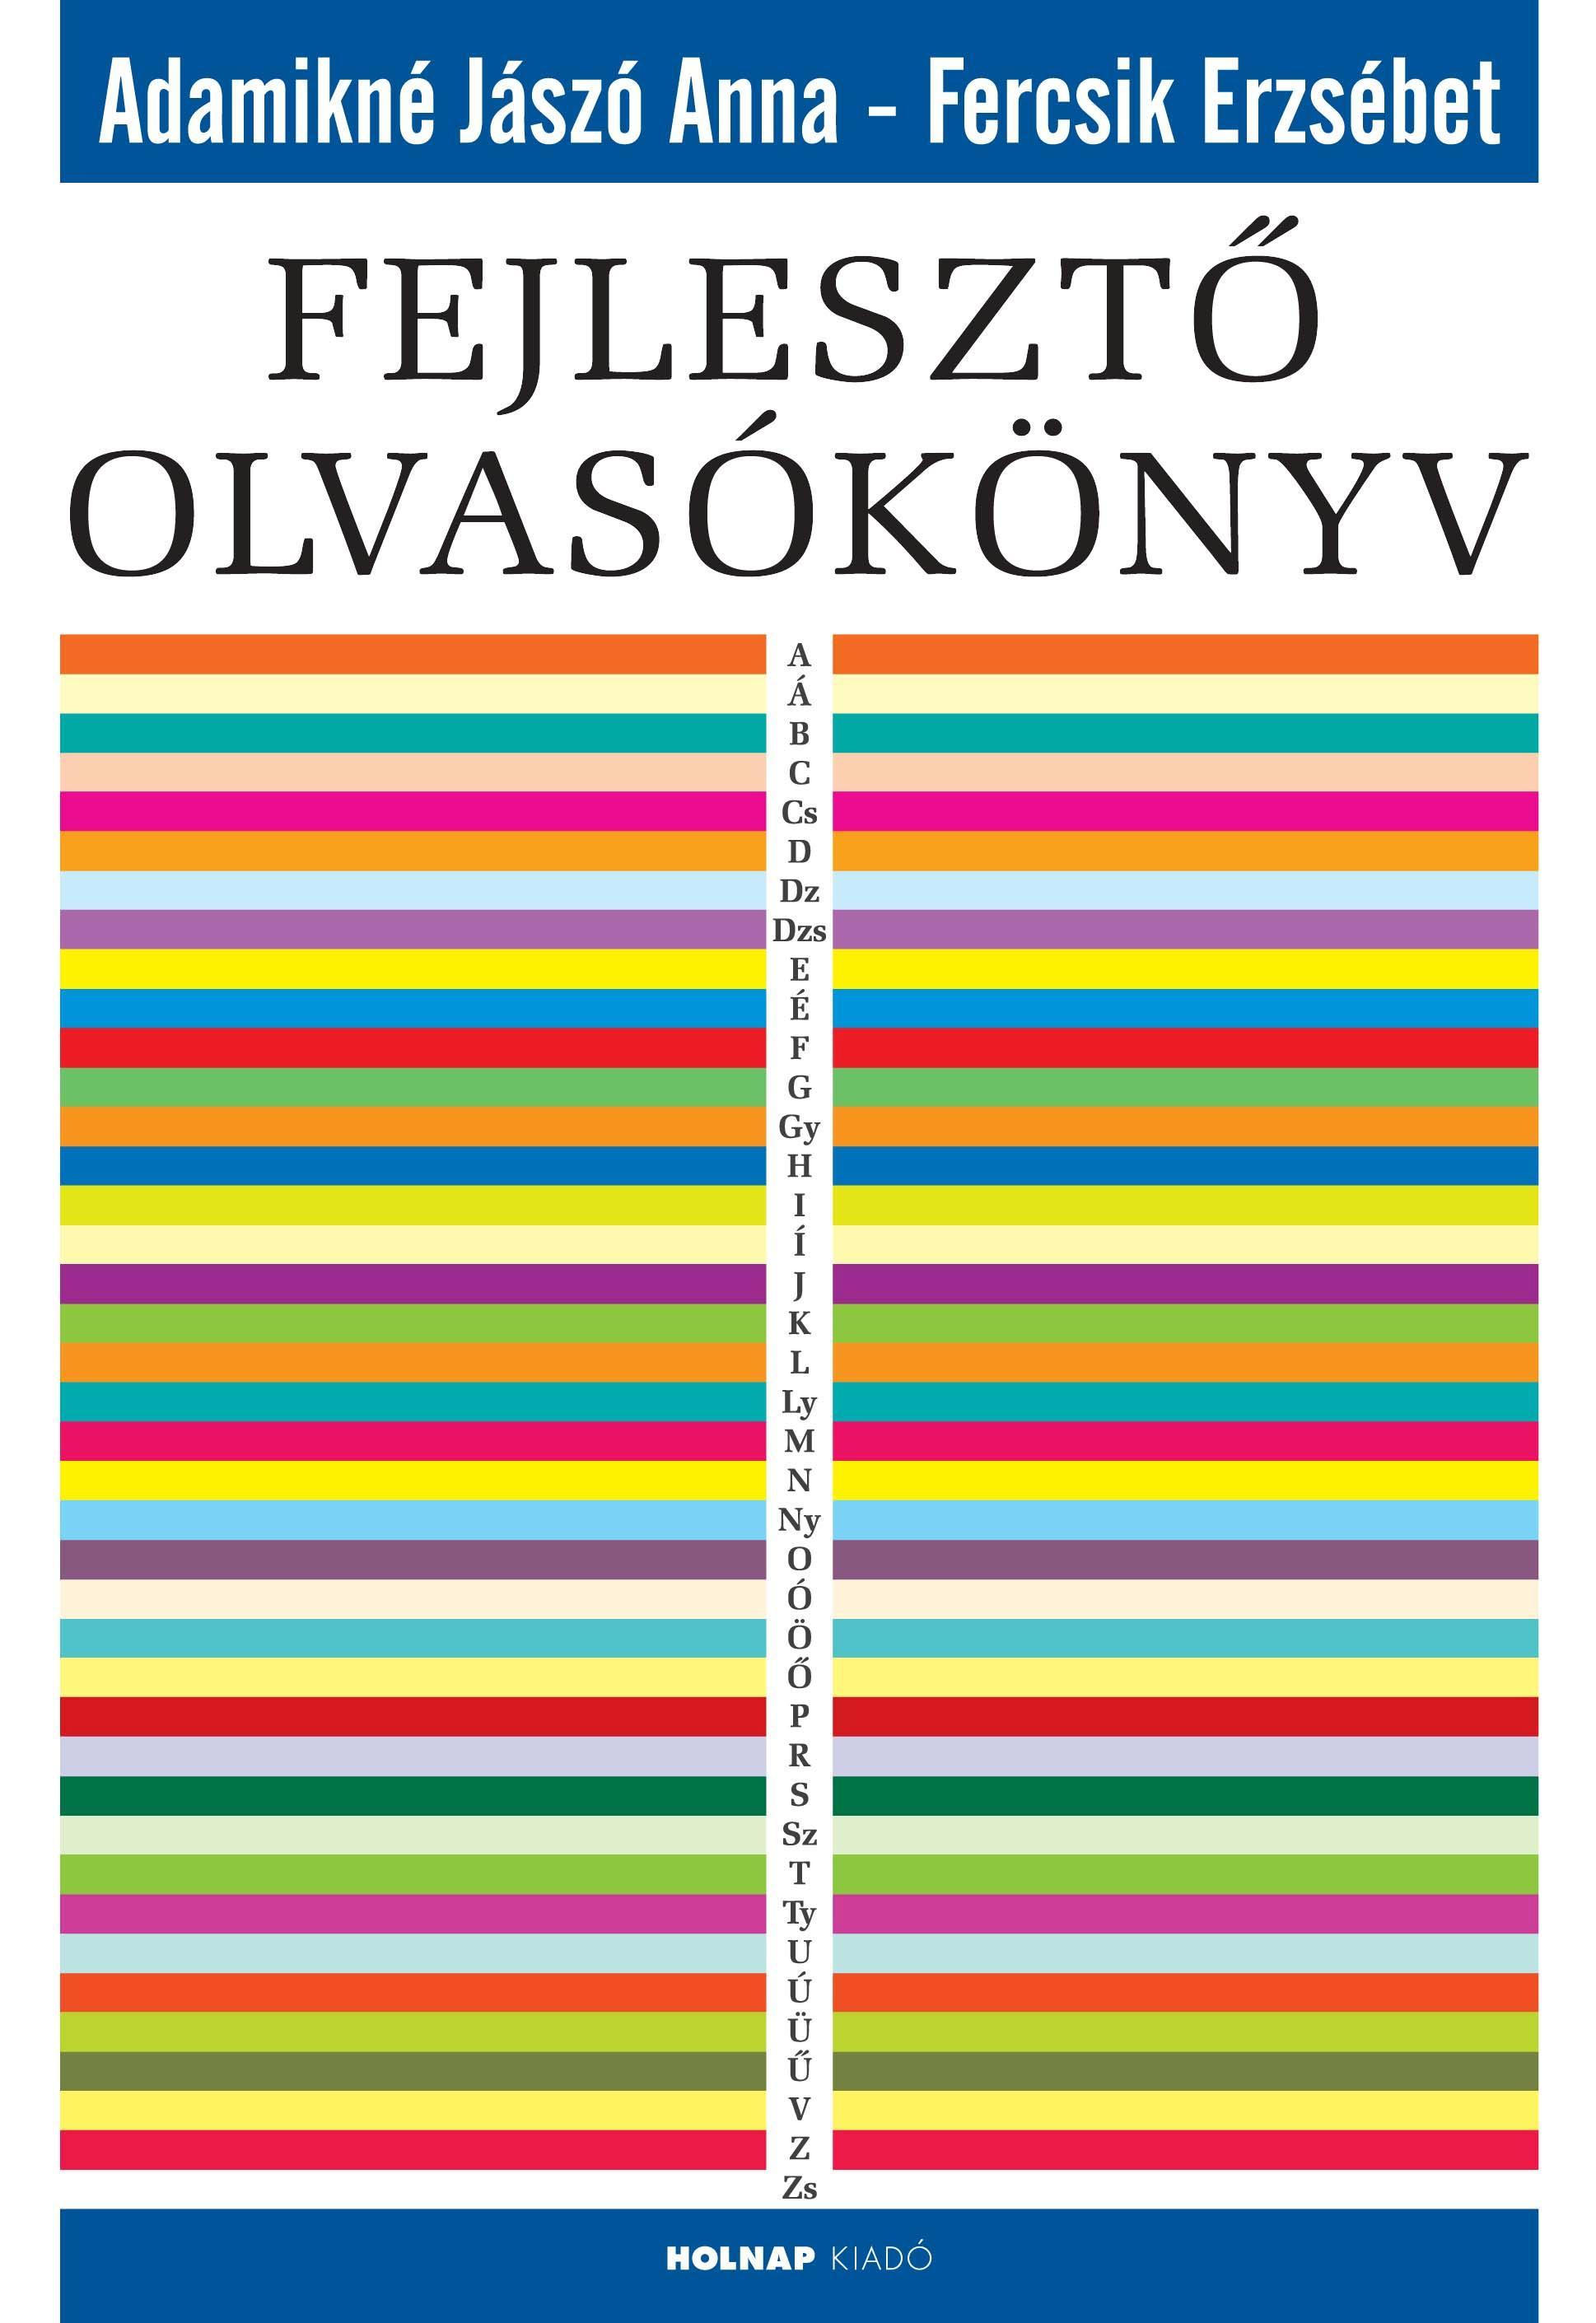 FEJLESZTŐ OLVASÓKÖNYV - 3. ÚJ KIADÁS